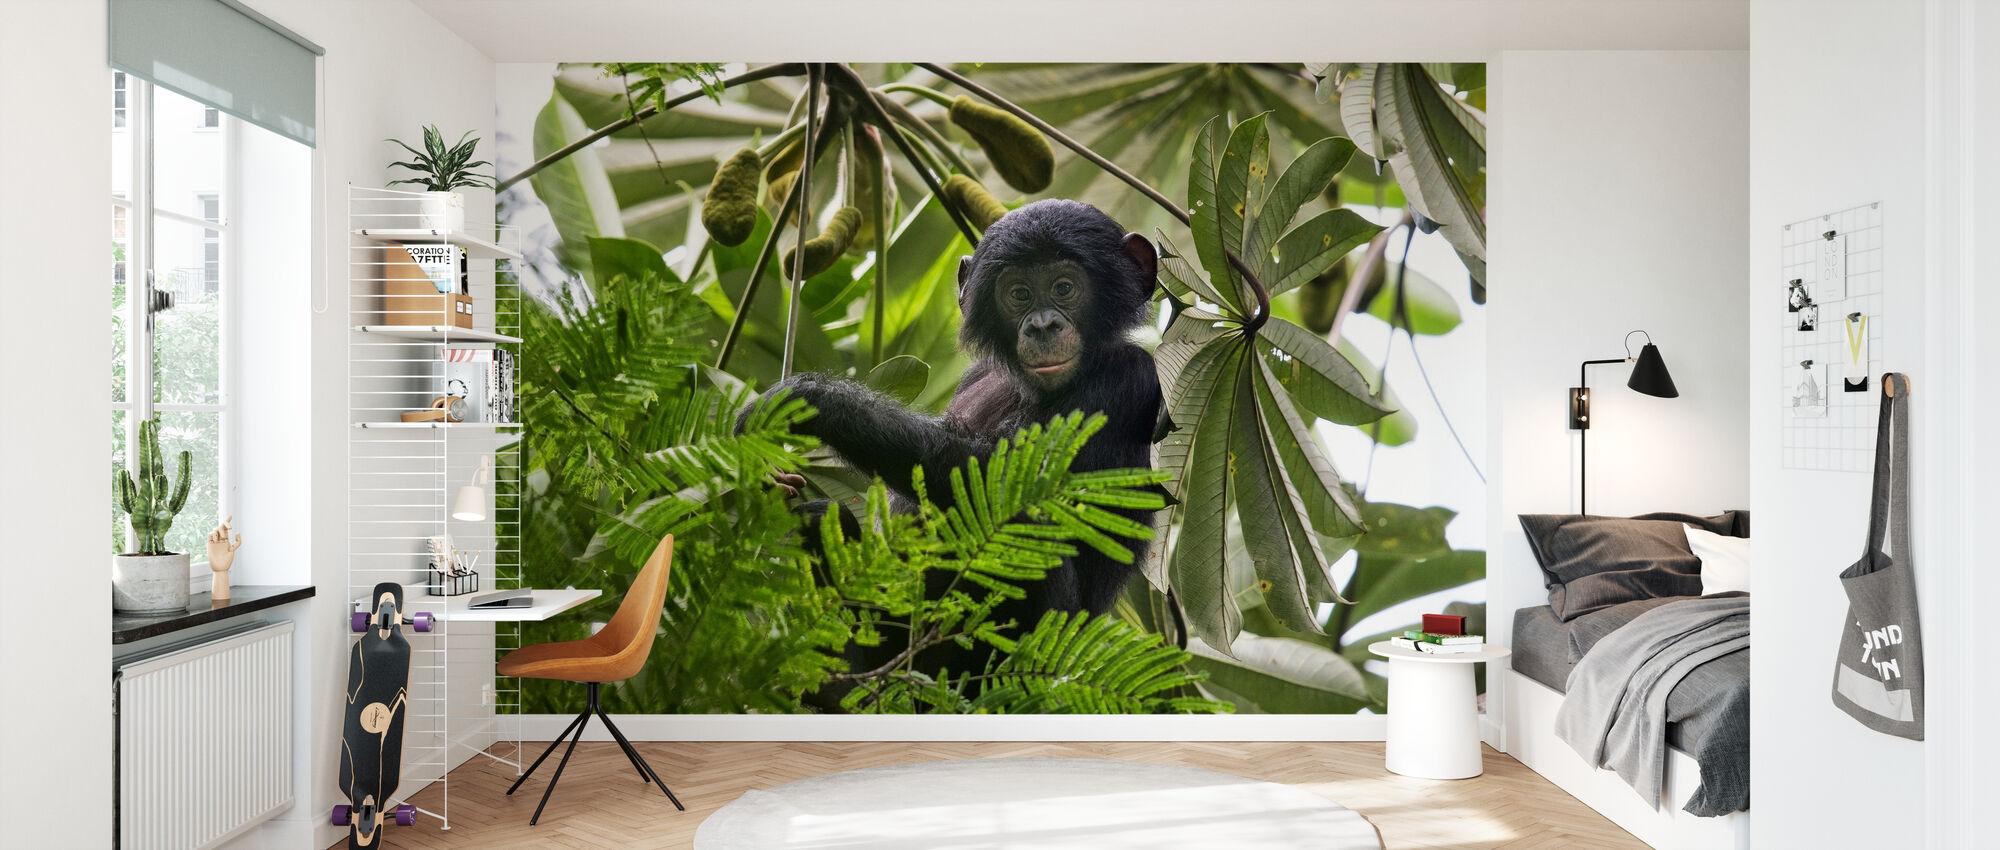 Baby Bonobo - Wallpaper - Kids Room